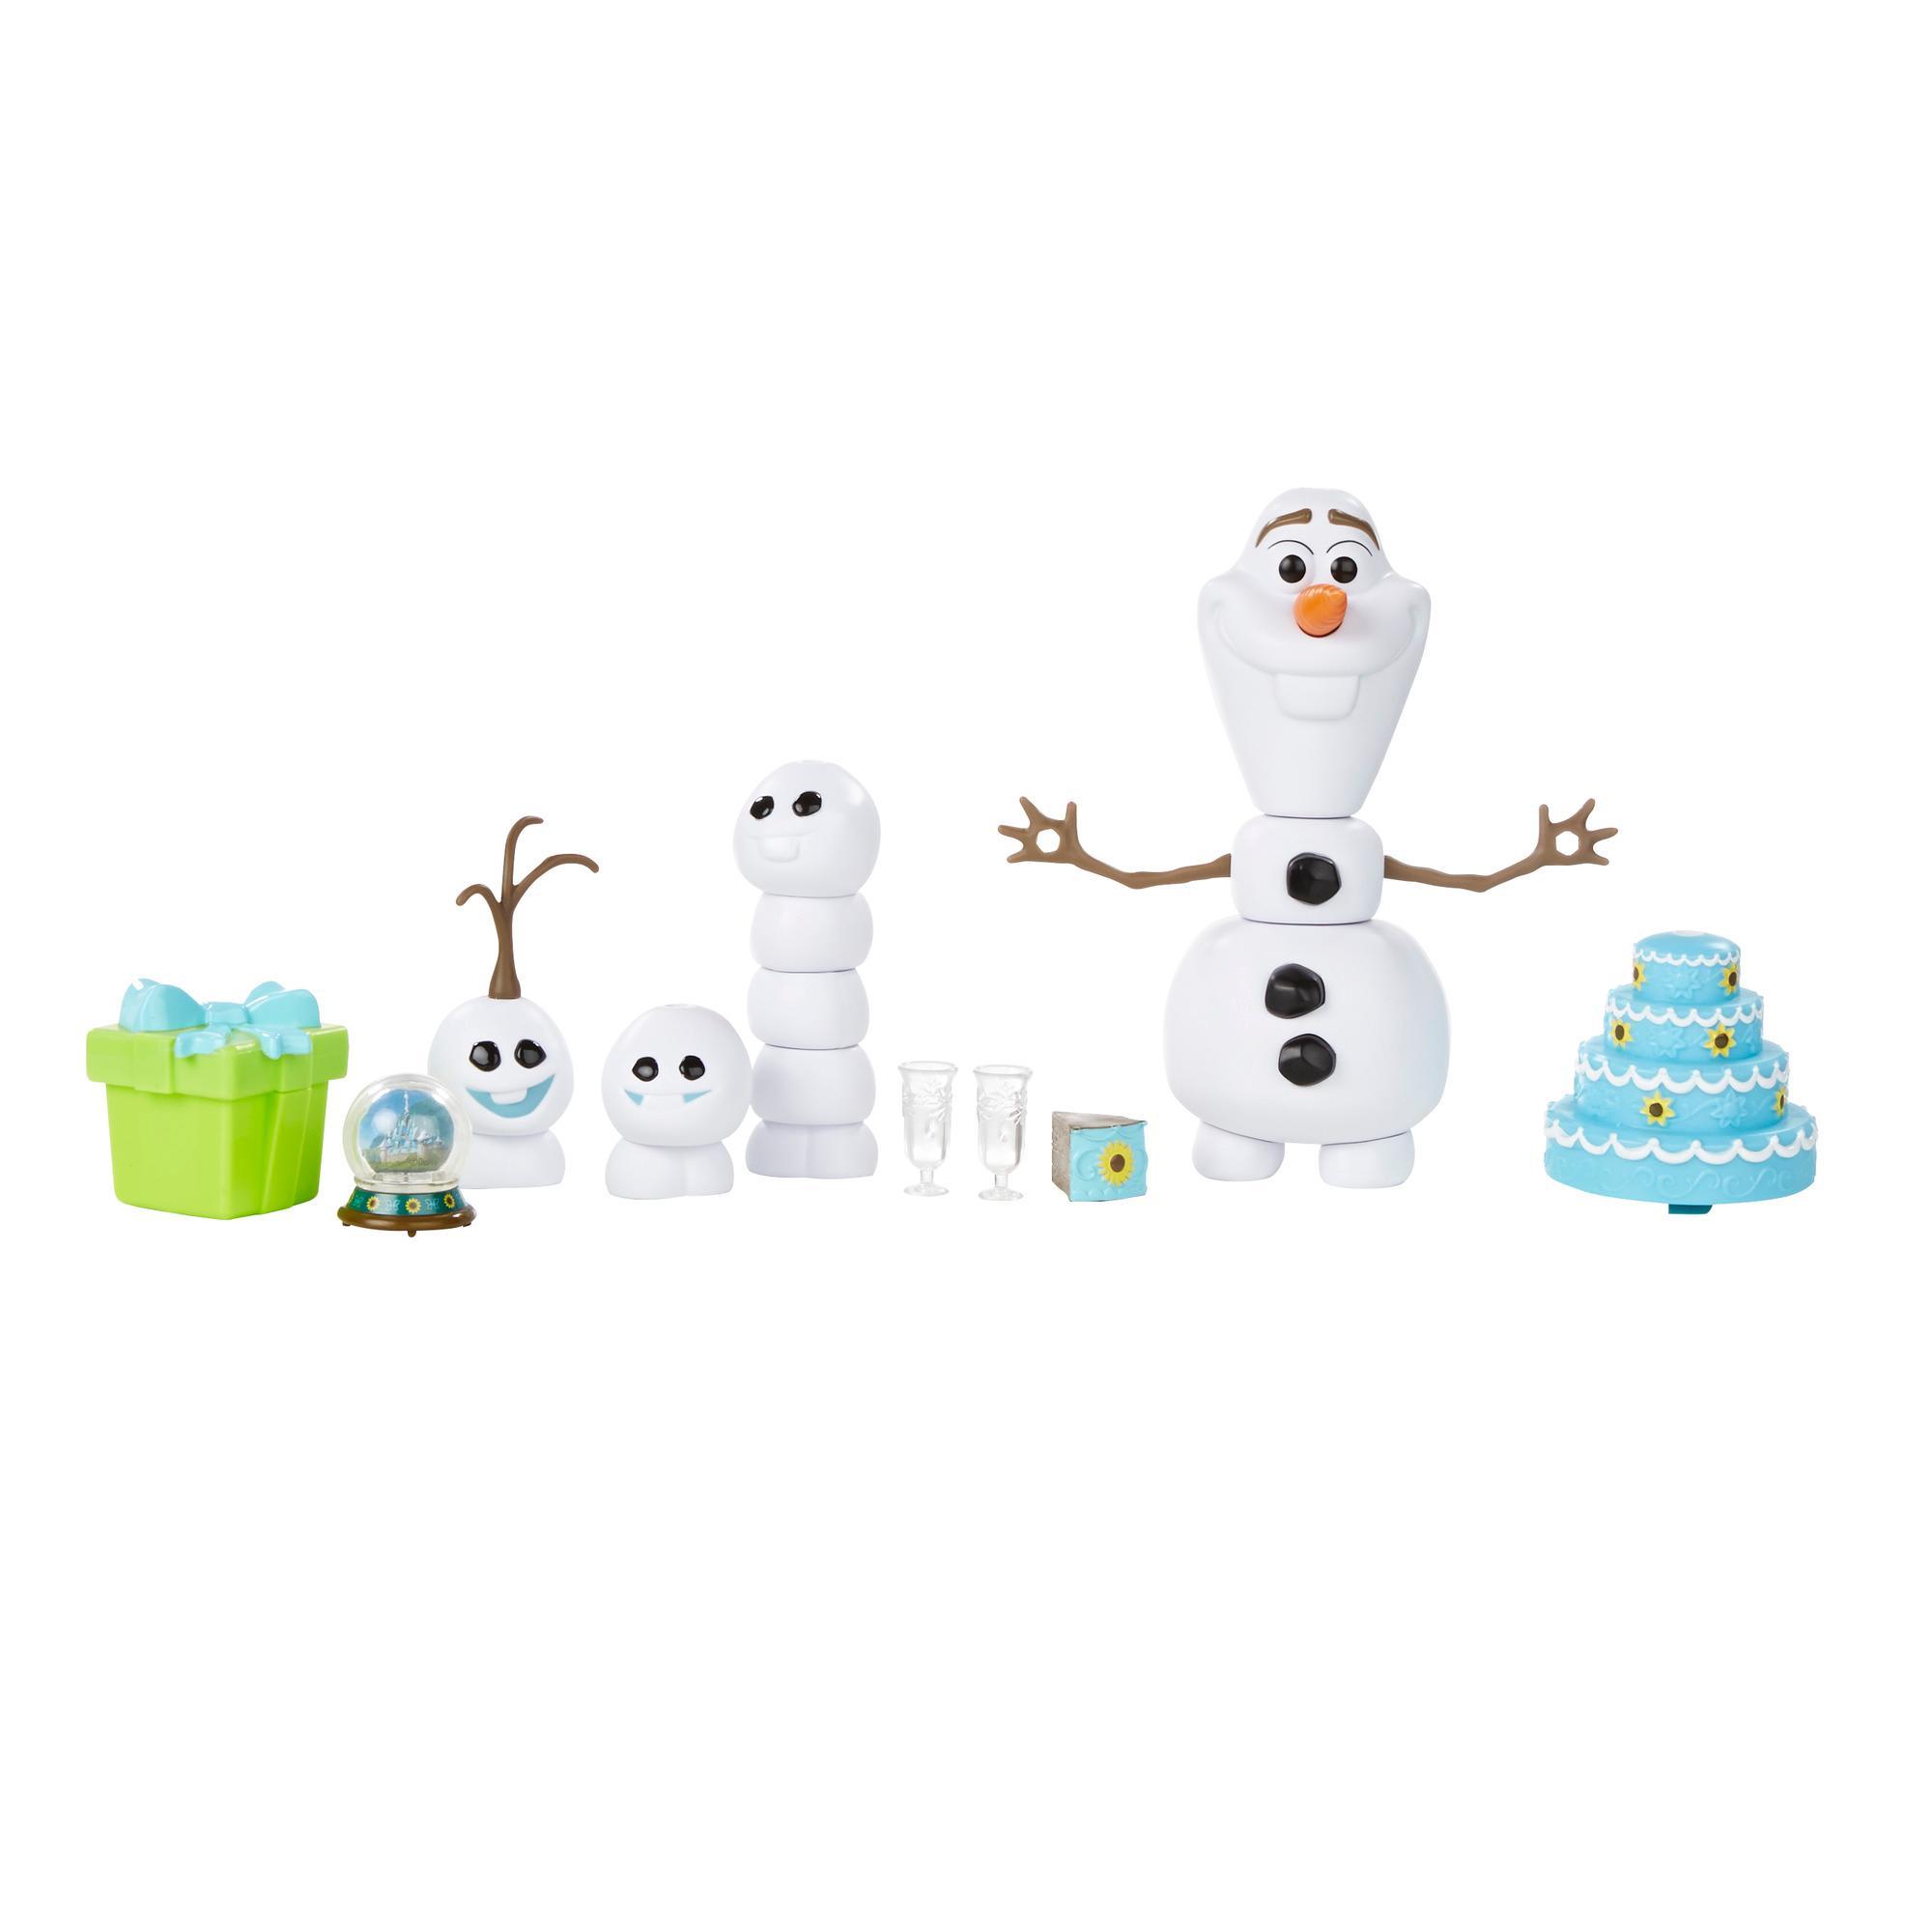 冰雪奇緣驚喜連連雪寶人物組